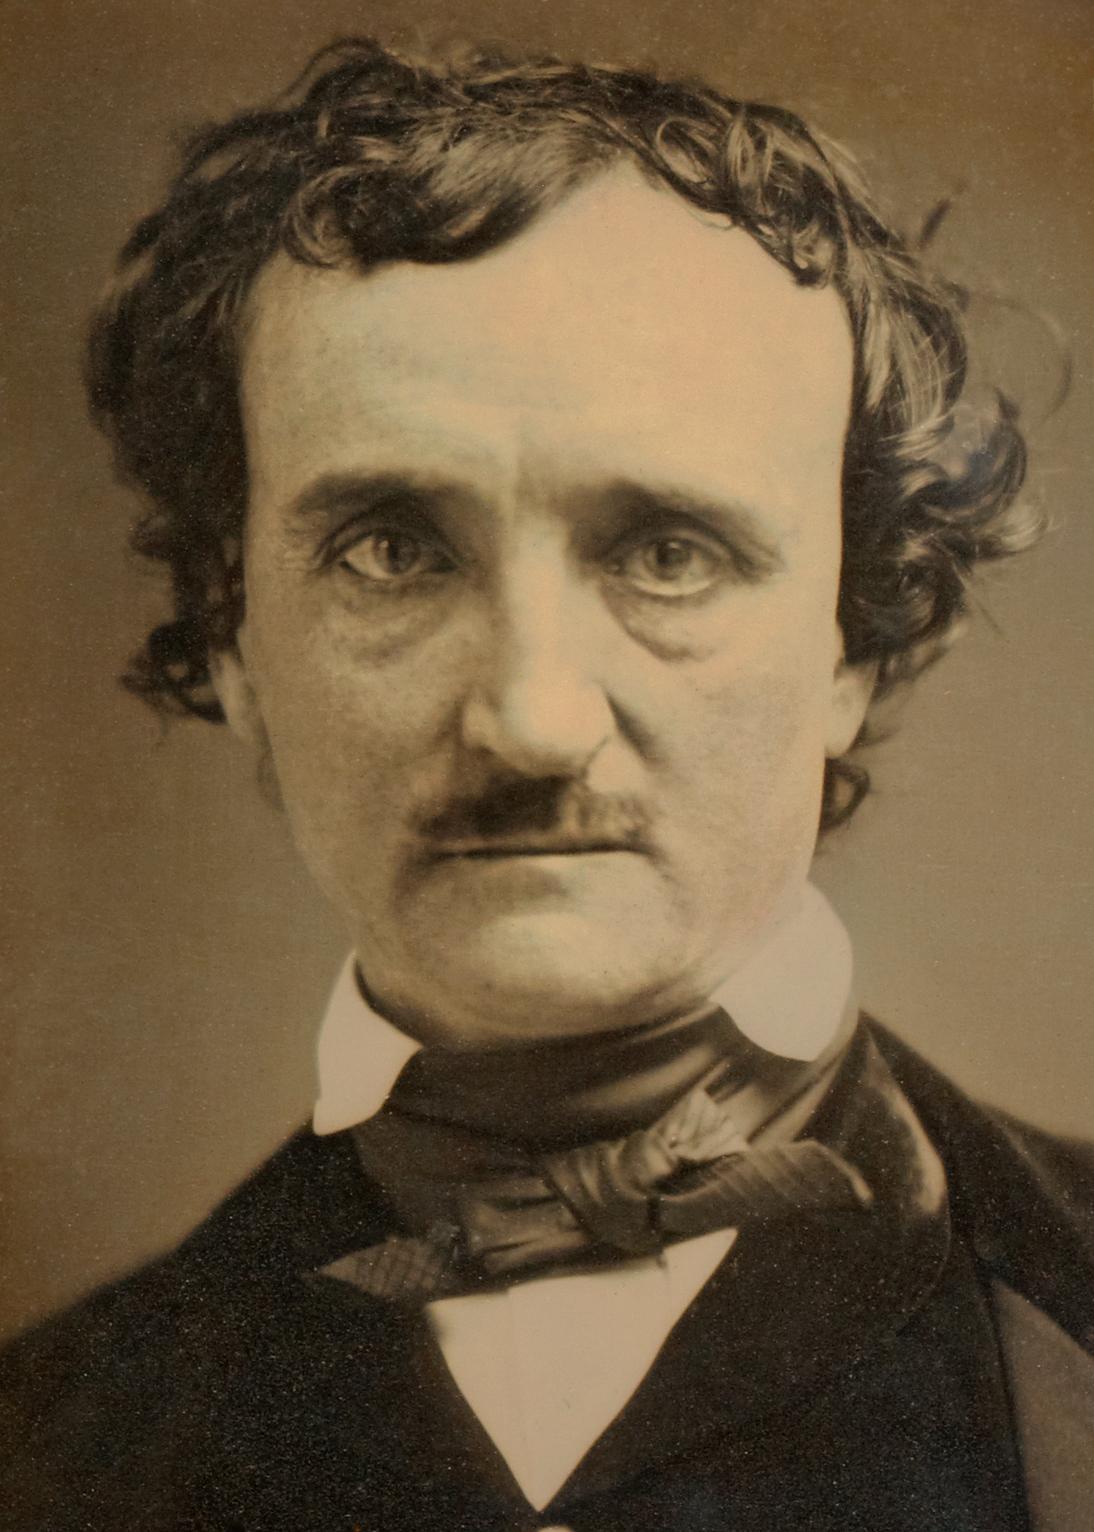 Edgar_Allan_Poe_daguerreotype_crop.png